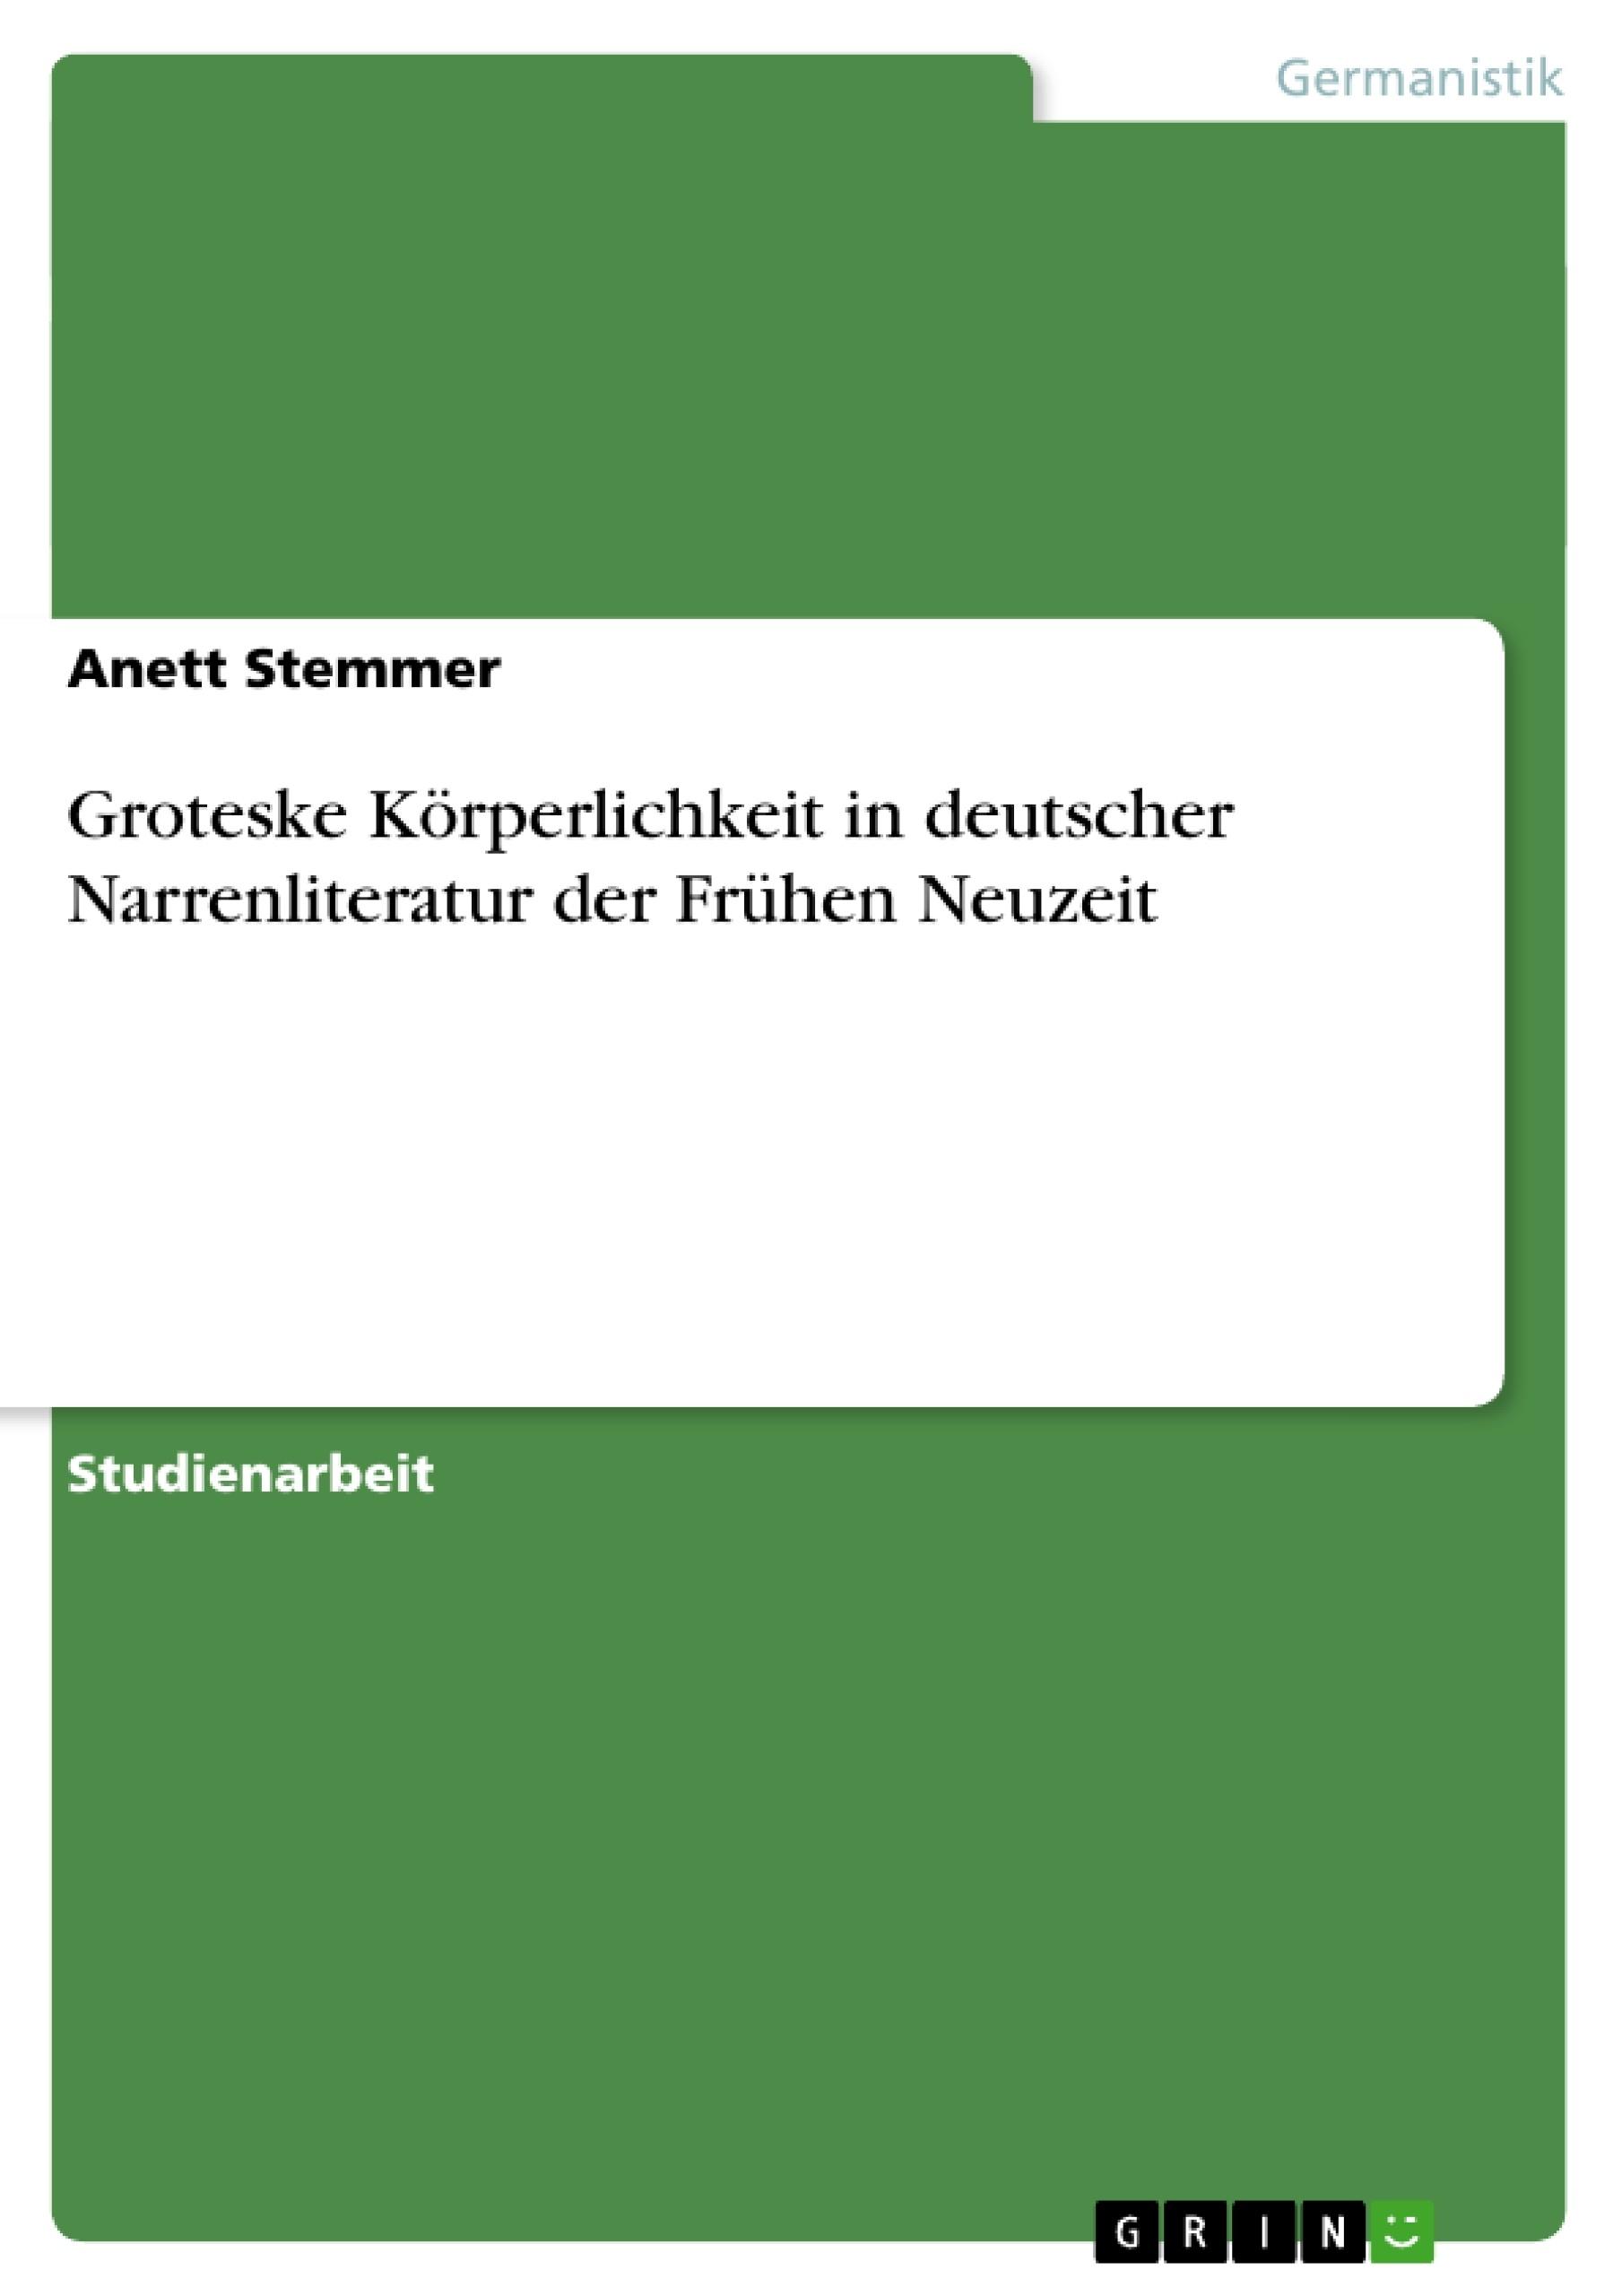 Titel: Groteske Körperlichkeit in deutscher Narrenliteratur der Frühen Neuzeit